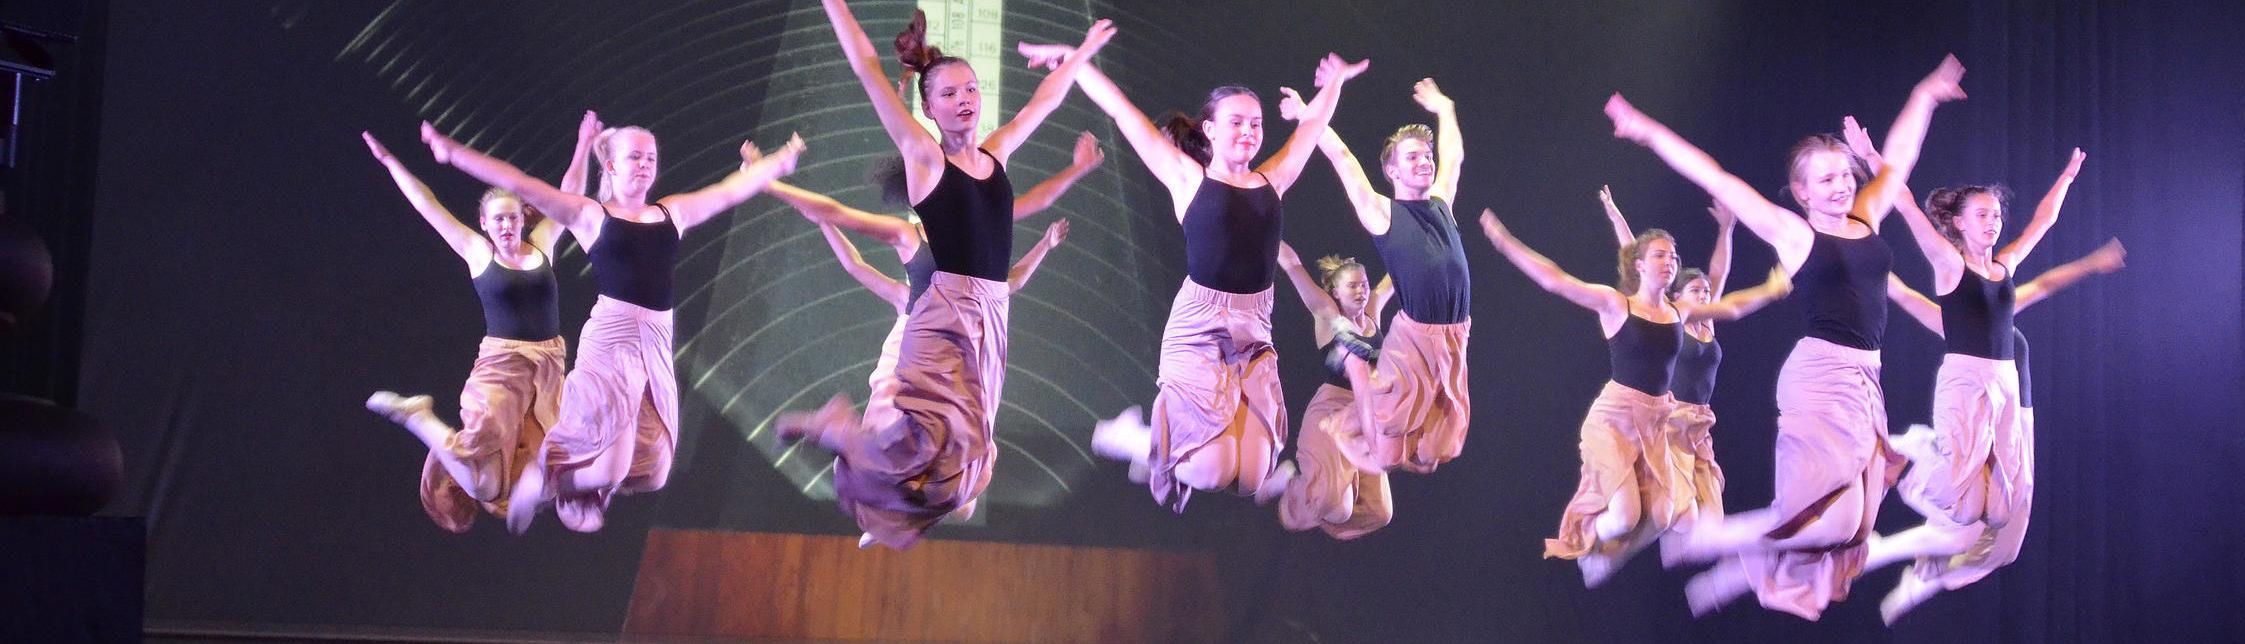 CKB Dansvoorstelling